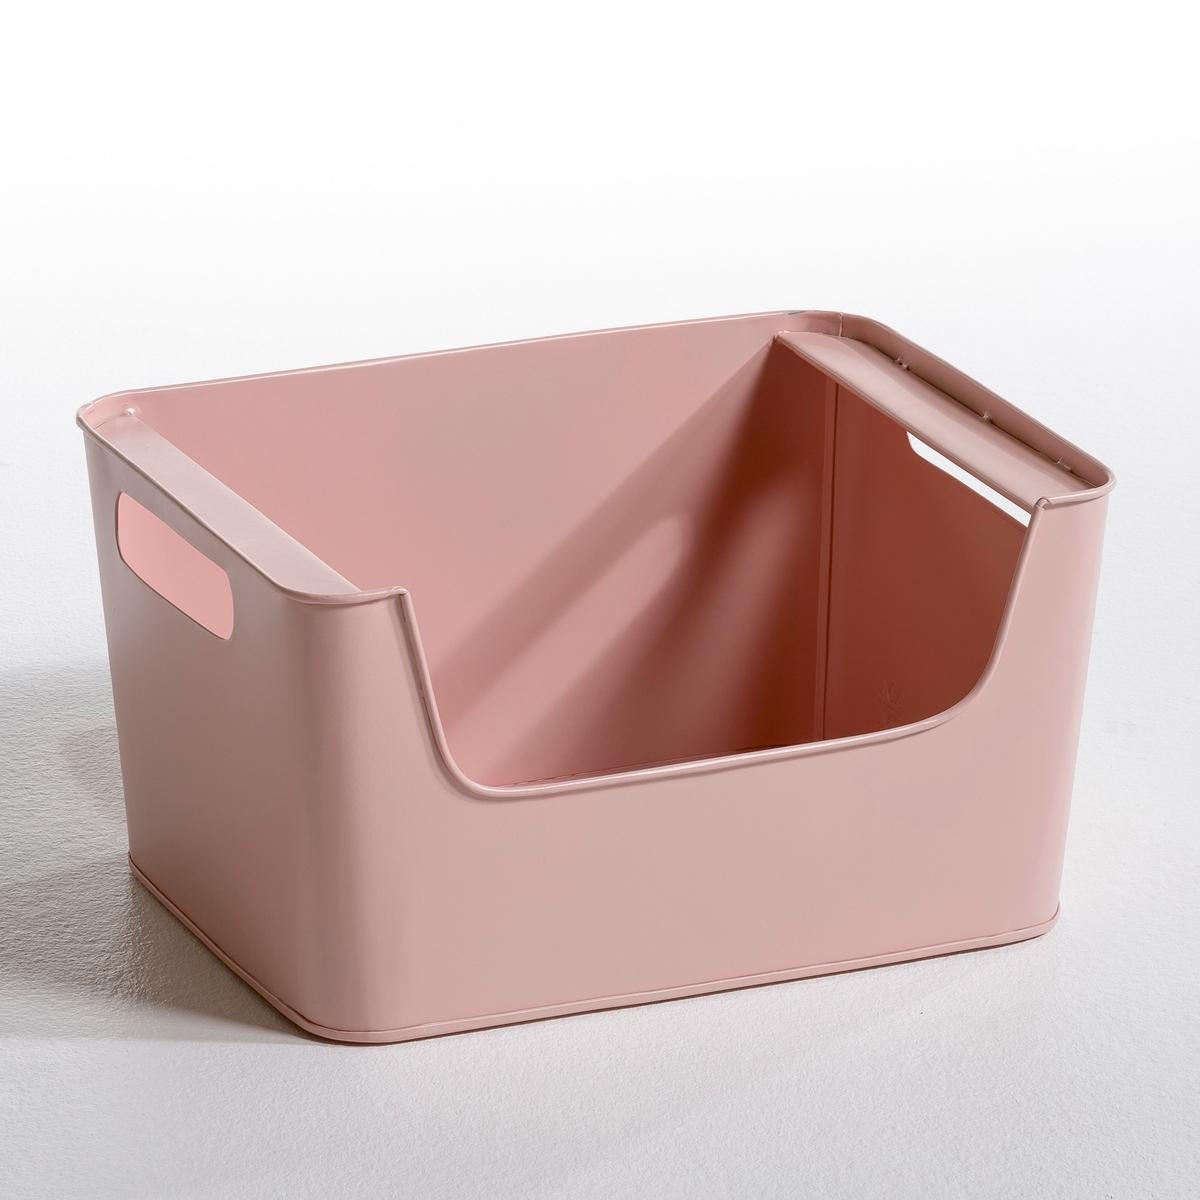 Ящик металлический Д37 x В20 см, ArregloХарактеристики ящика маленького размера :- Ставятся один на другой.- Прорези по бокам для удобства переноски.Размеры  : -Д.37 x В.20 см x Г. ок.29 см..<br><br>Цвет: белый,серый,телесный матовый